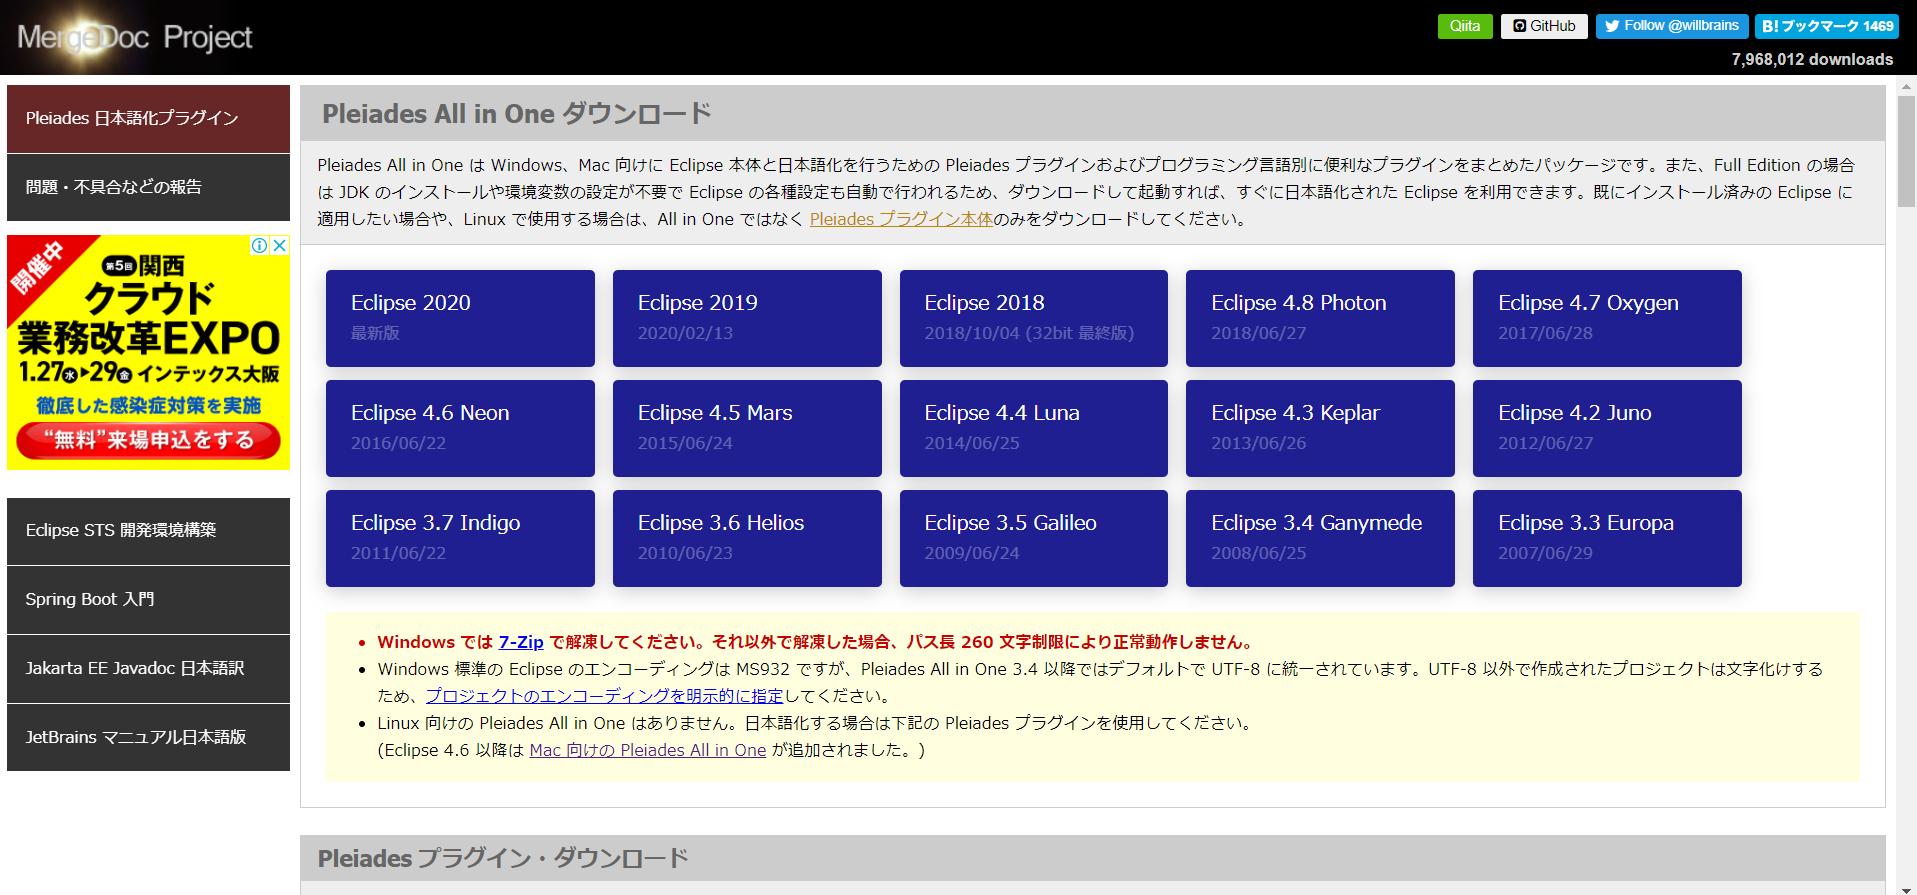 Eclipse ダウンロードサイト画面